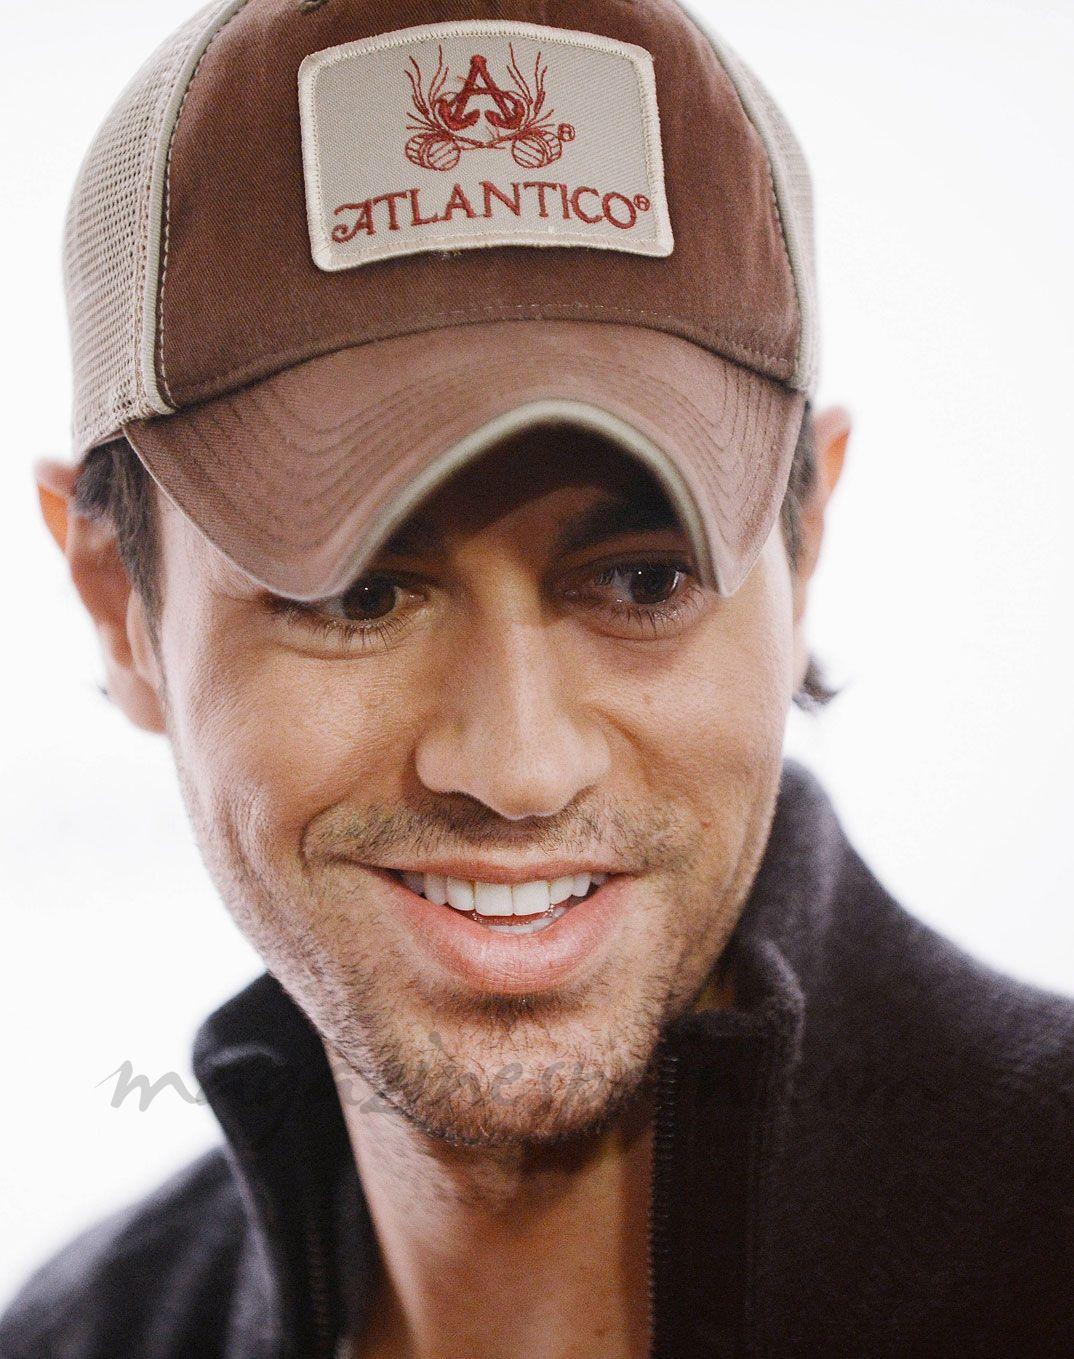 Enrique Iglesias with his Atlantico hat and beautiful smile aea4ffb872c